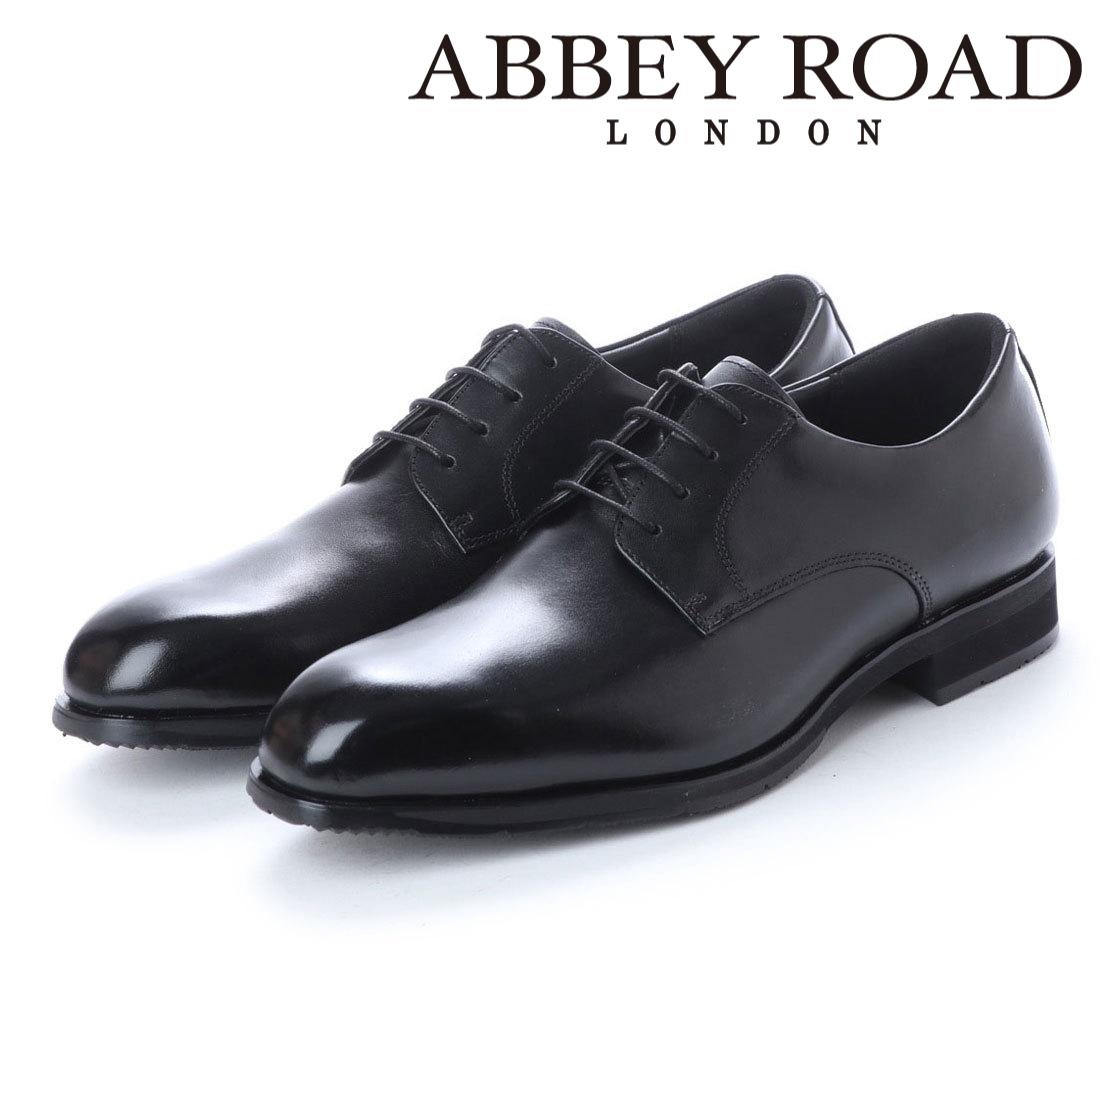 アビーロード ABBEY ROAD プレーントゥ ビジネスシューズ ABK6502 大きいサイズ マドラス 防水 革靴 【nesh】 【新品】